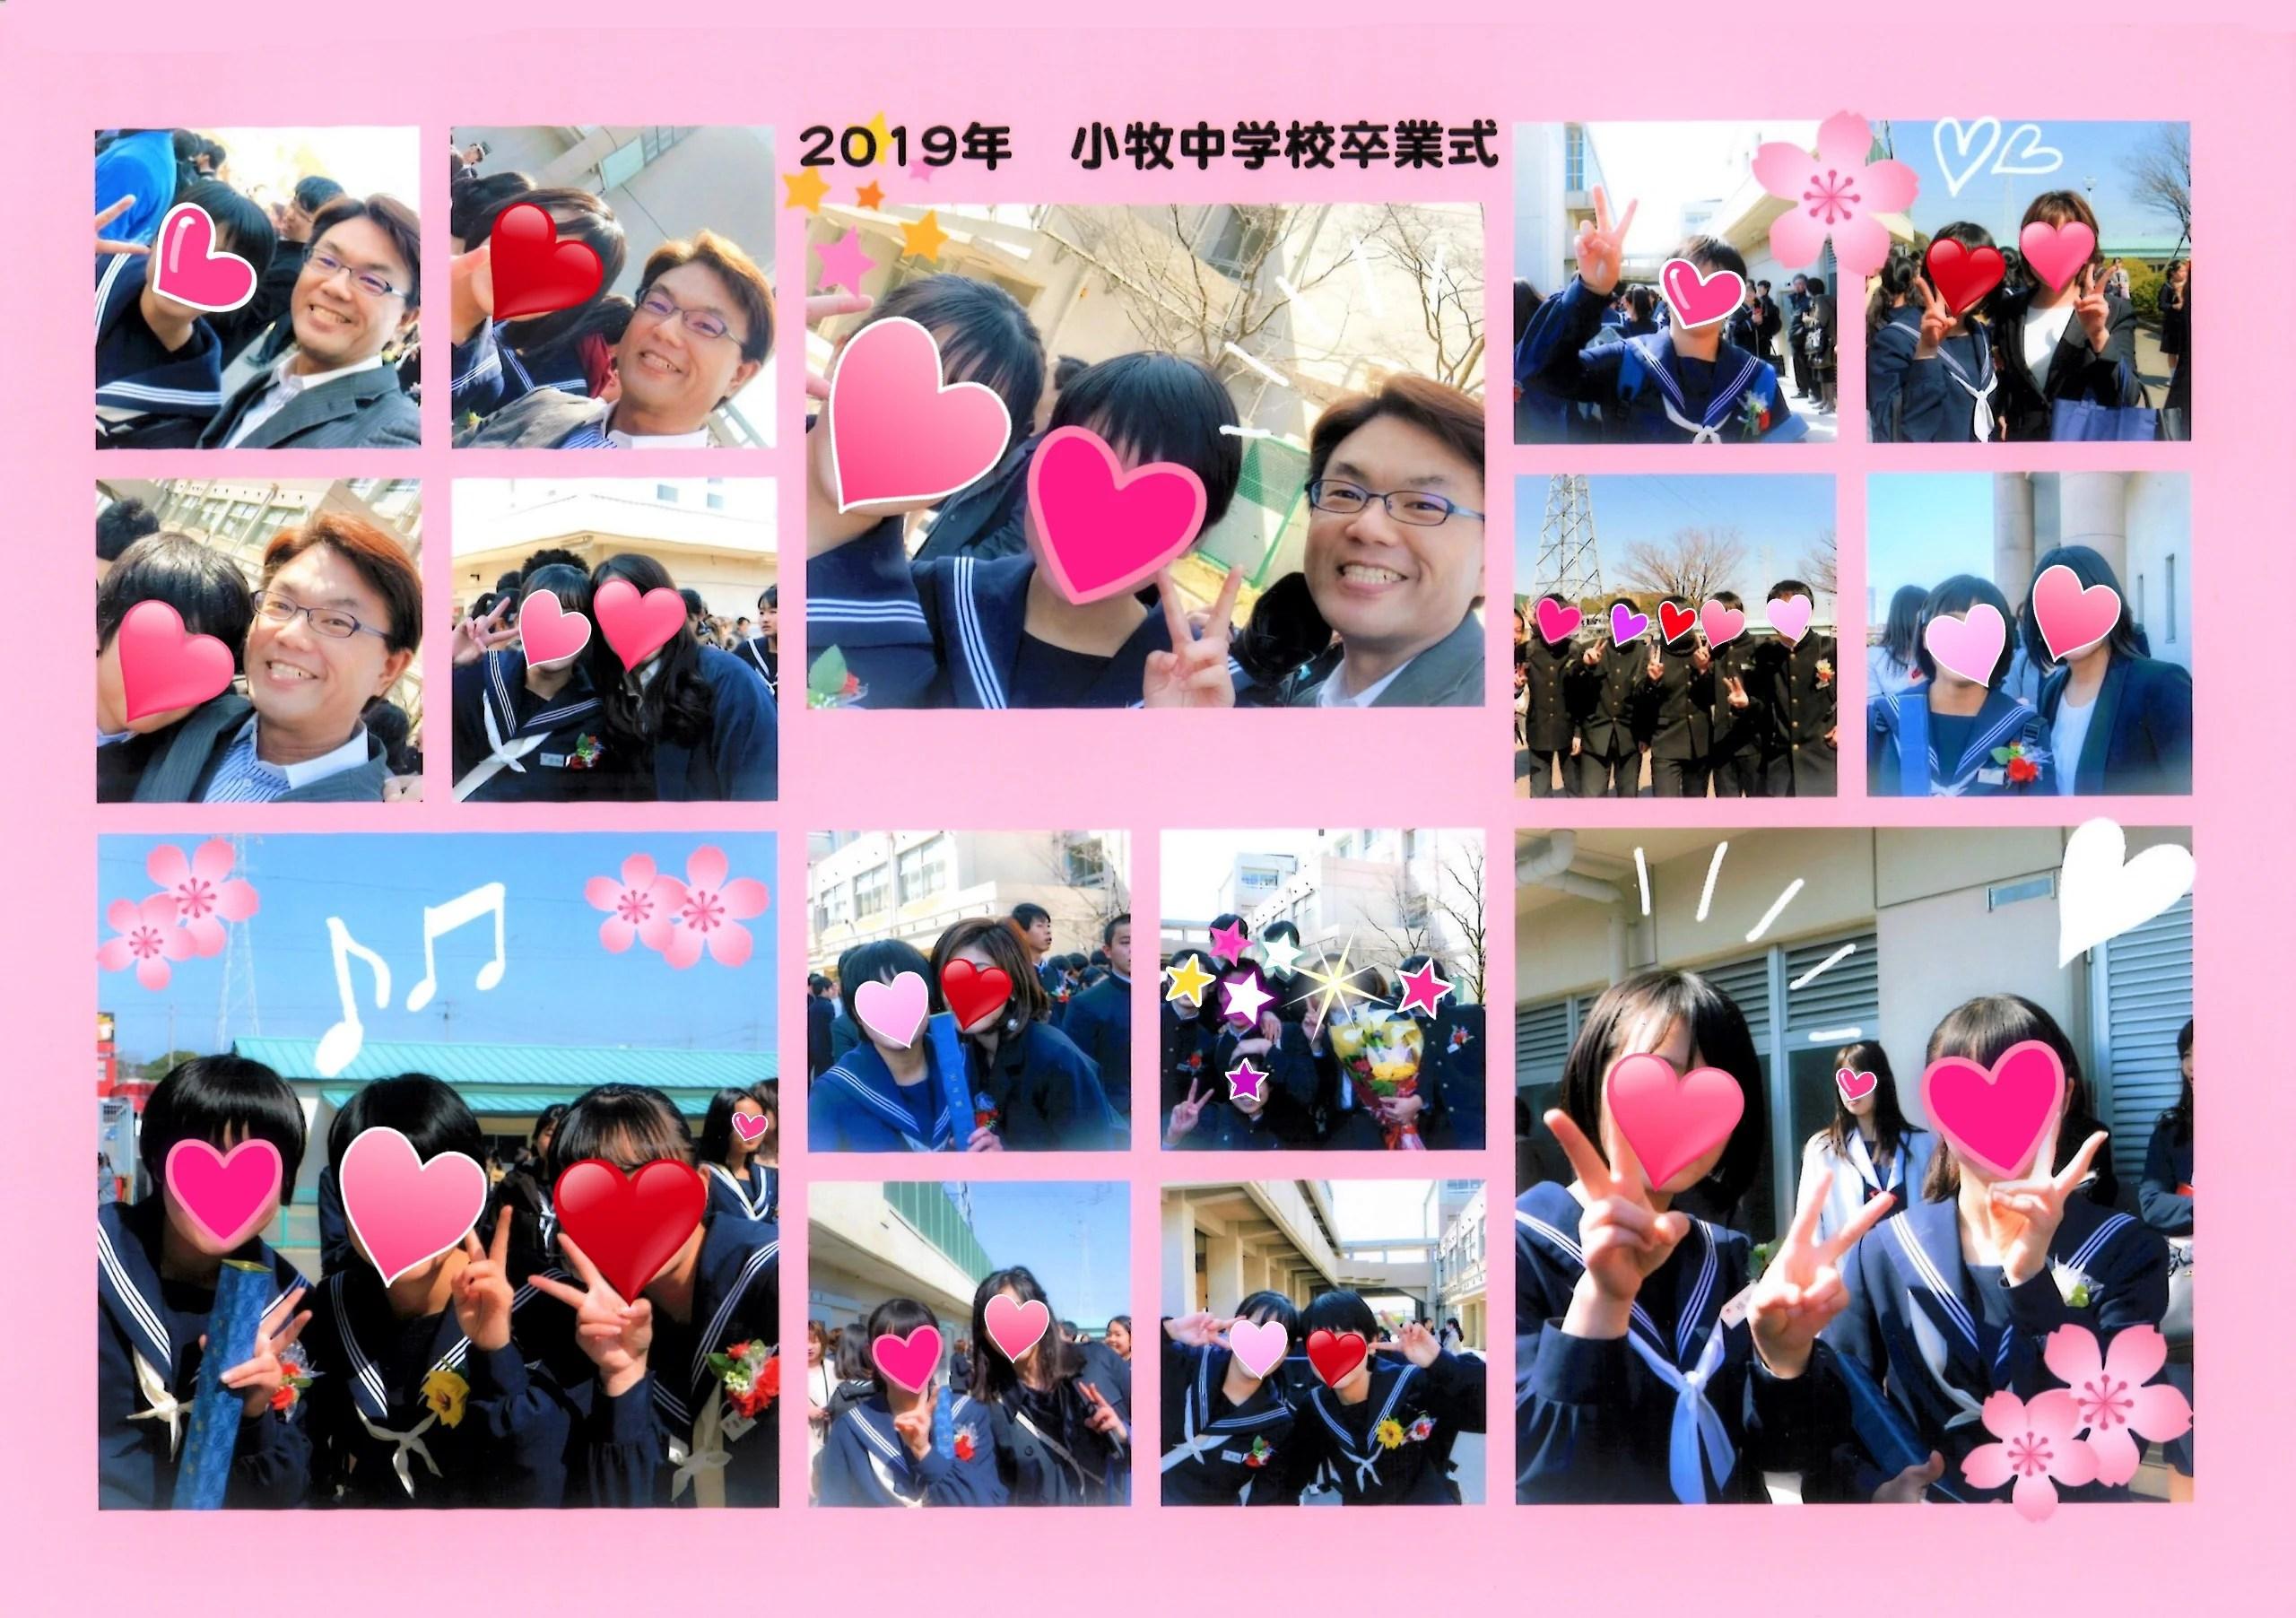 2019年小牧中学校卒業式 塾長と名学館生